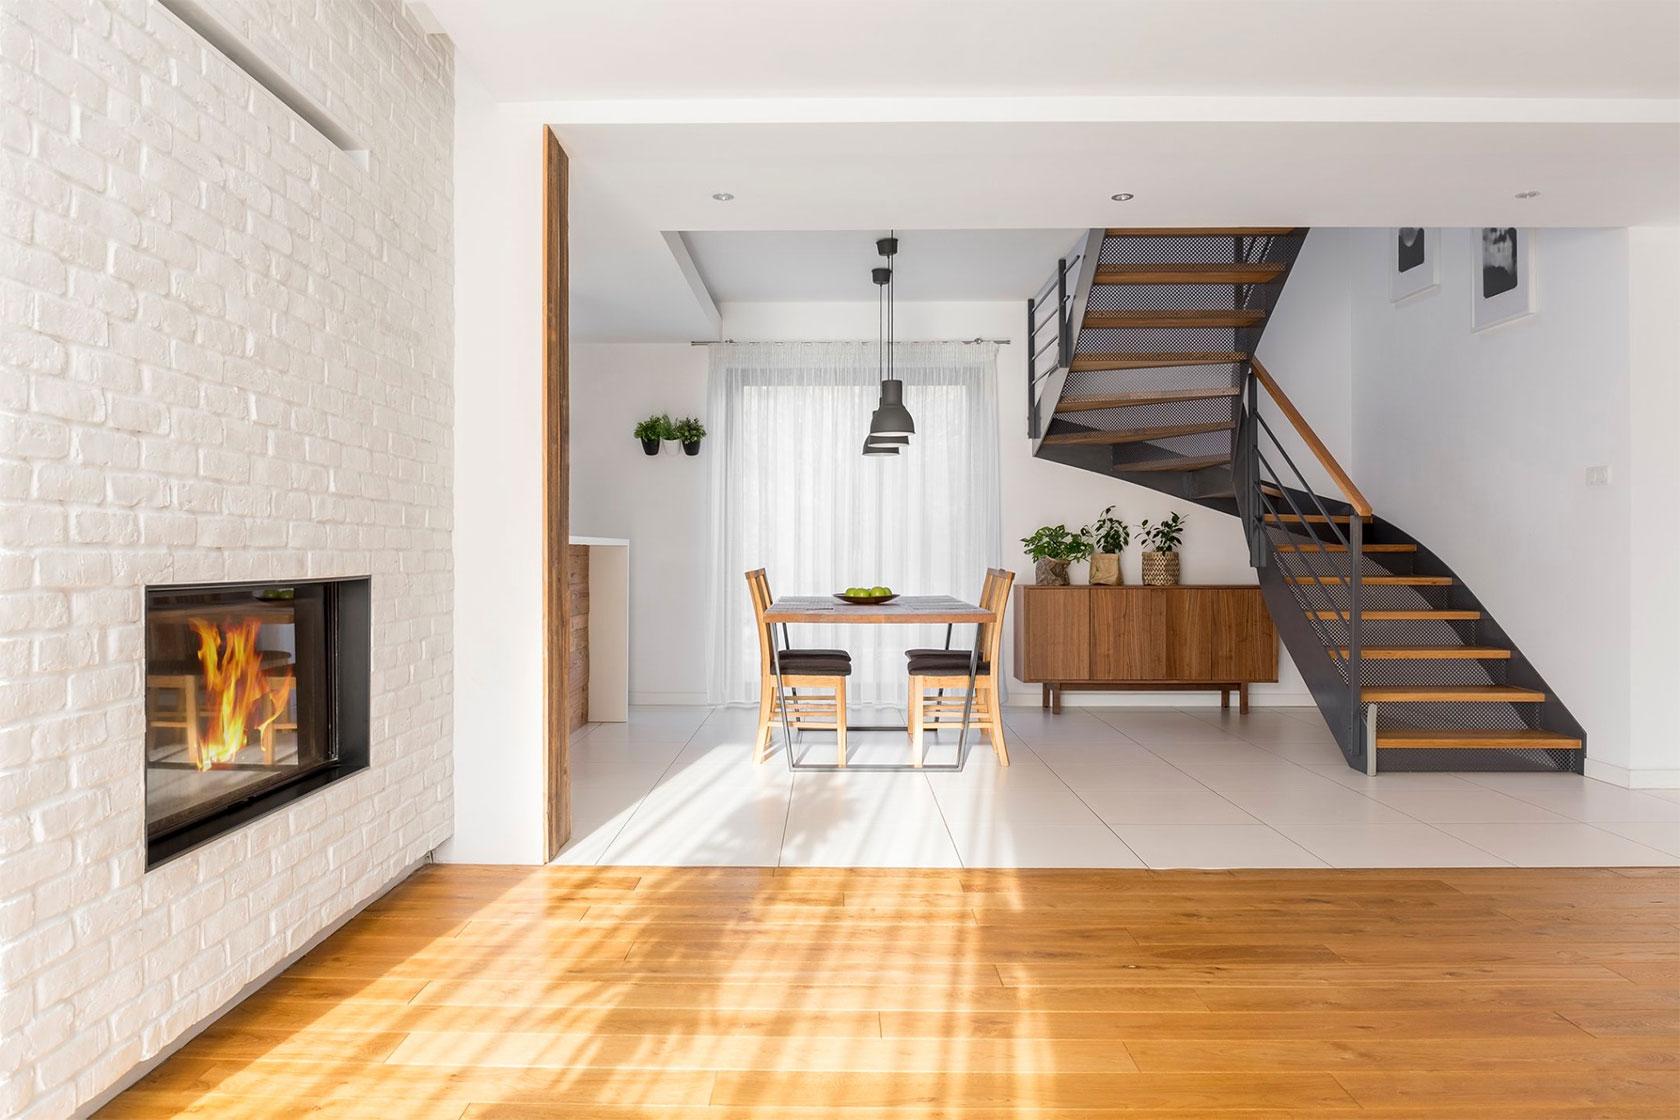 Floor Wooden Tiles